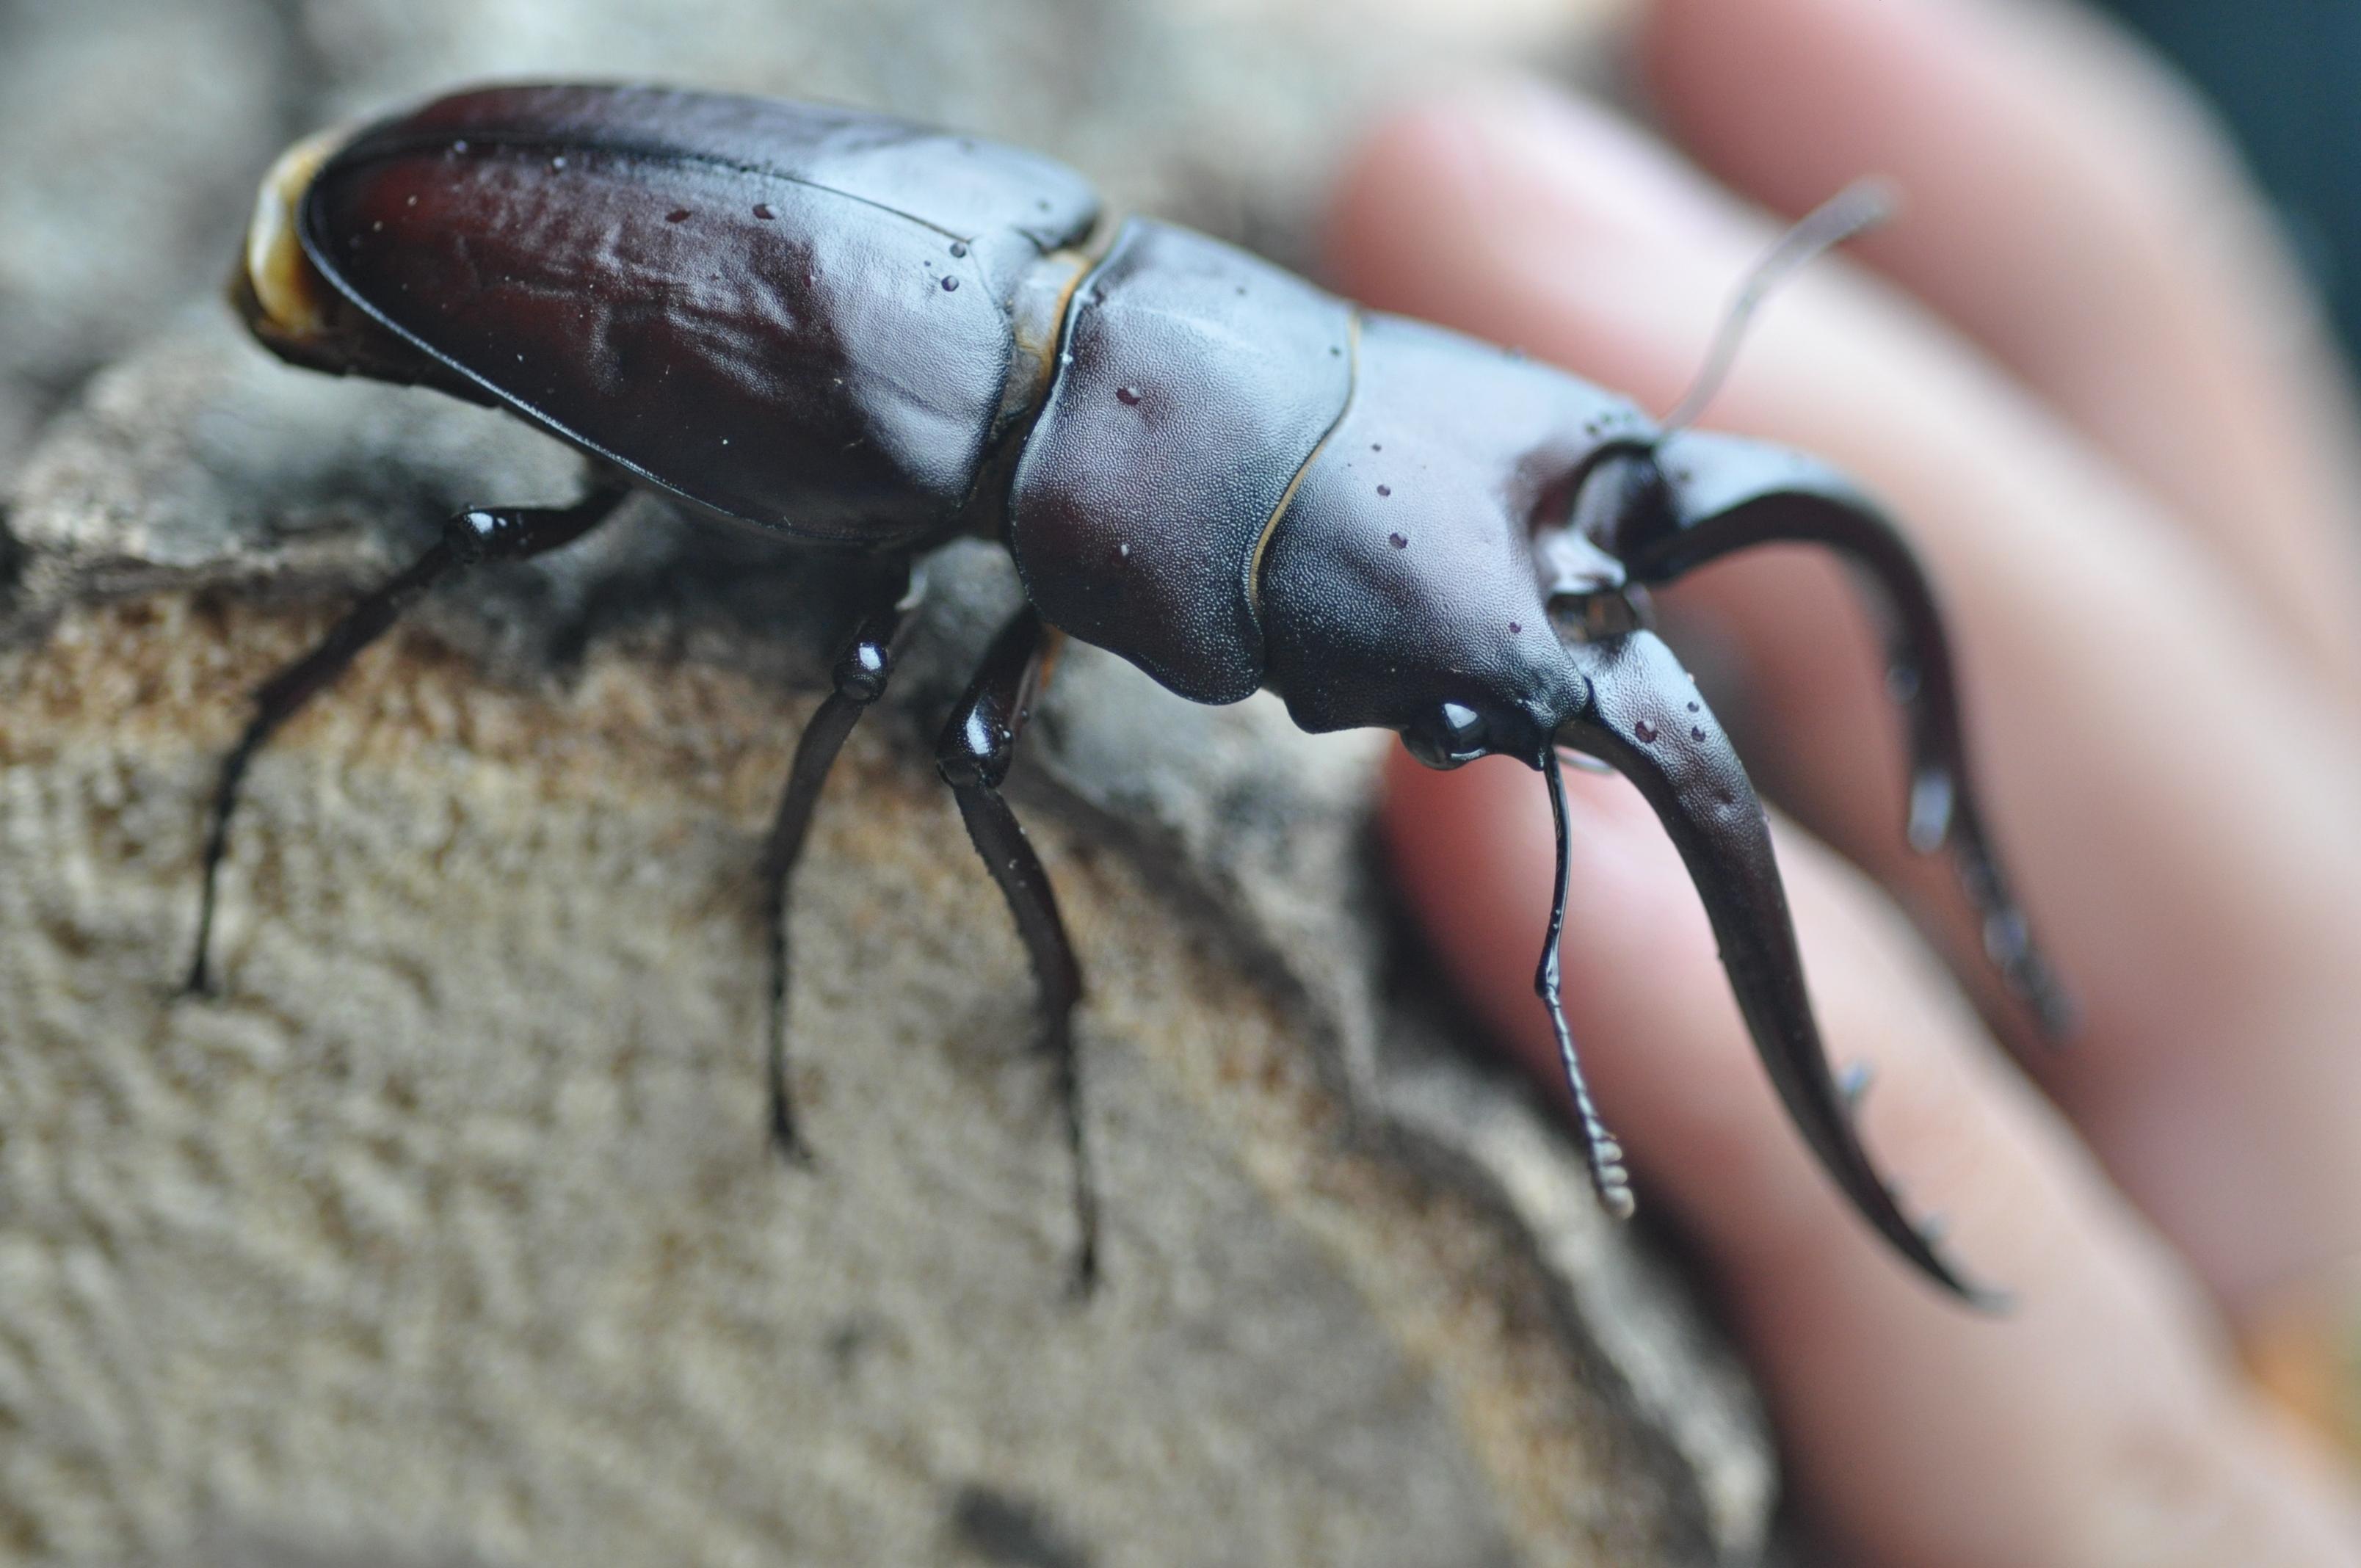 톱사슴벌레(Prosopocoilus inclinatus)